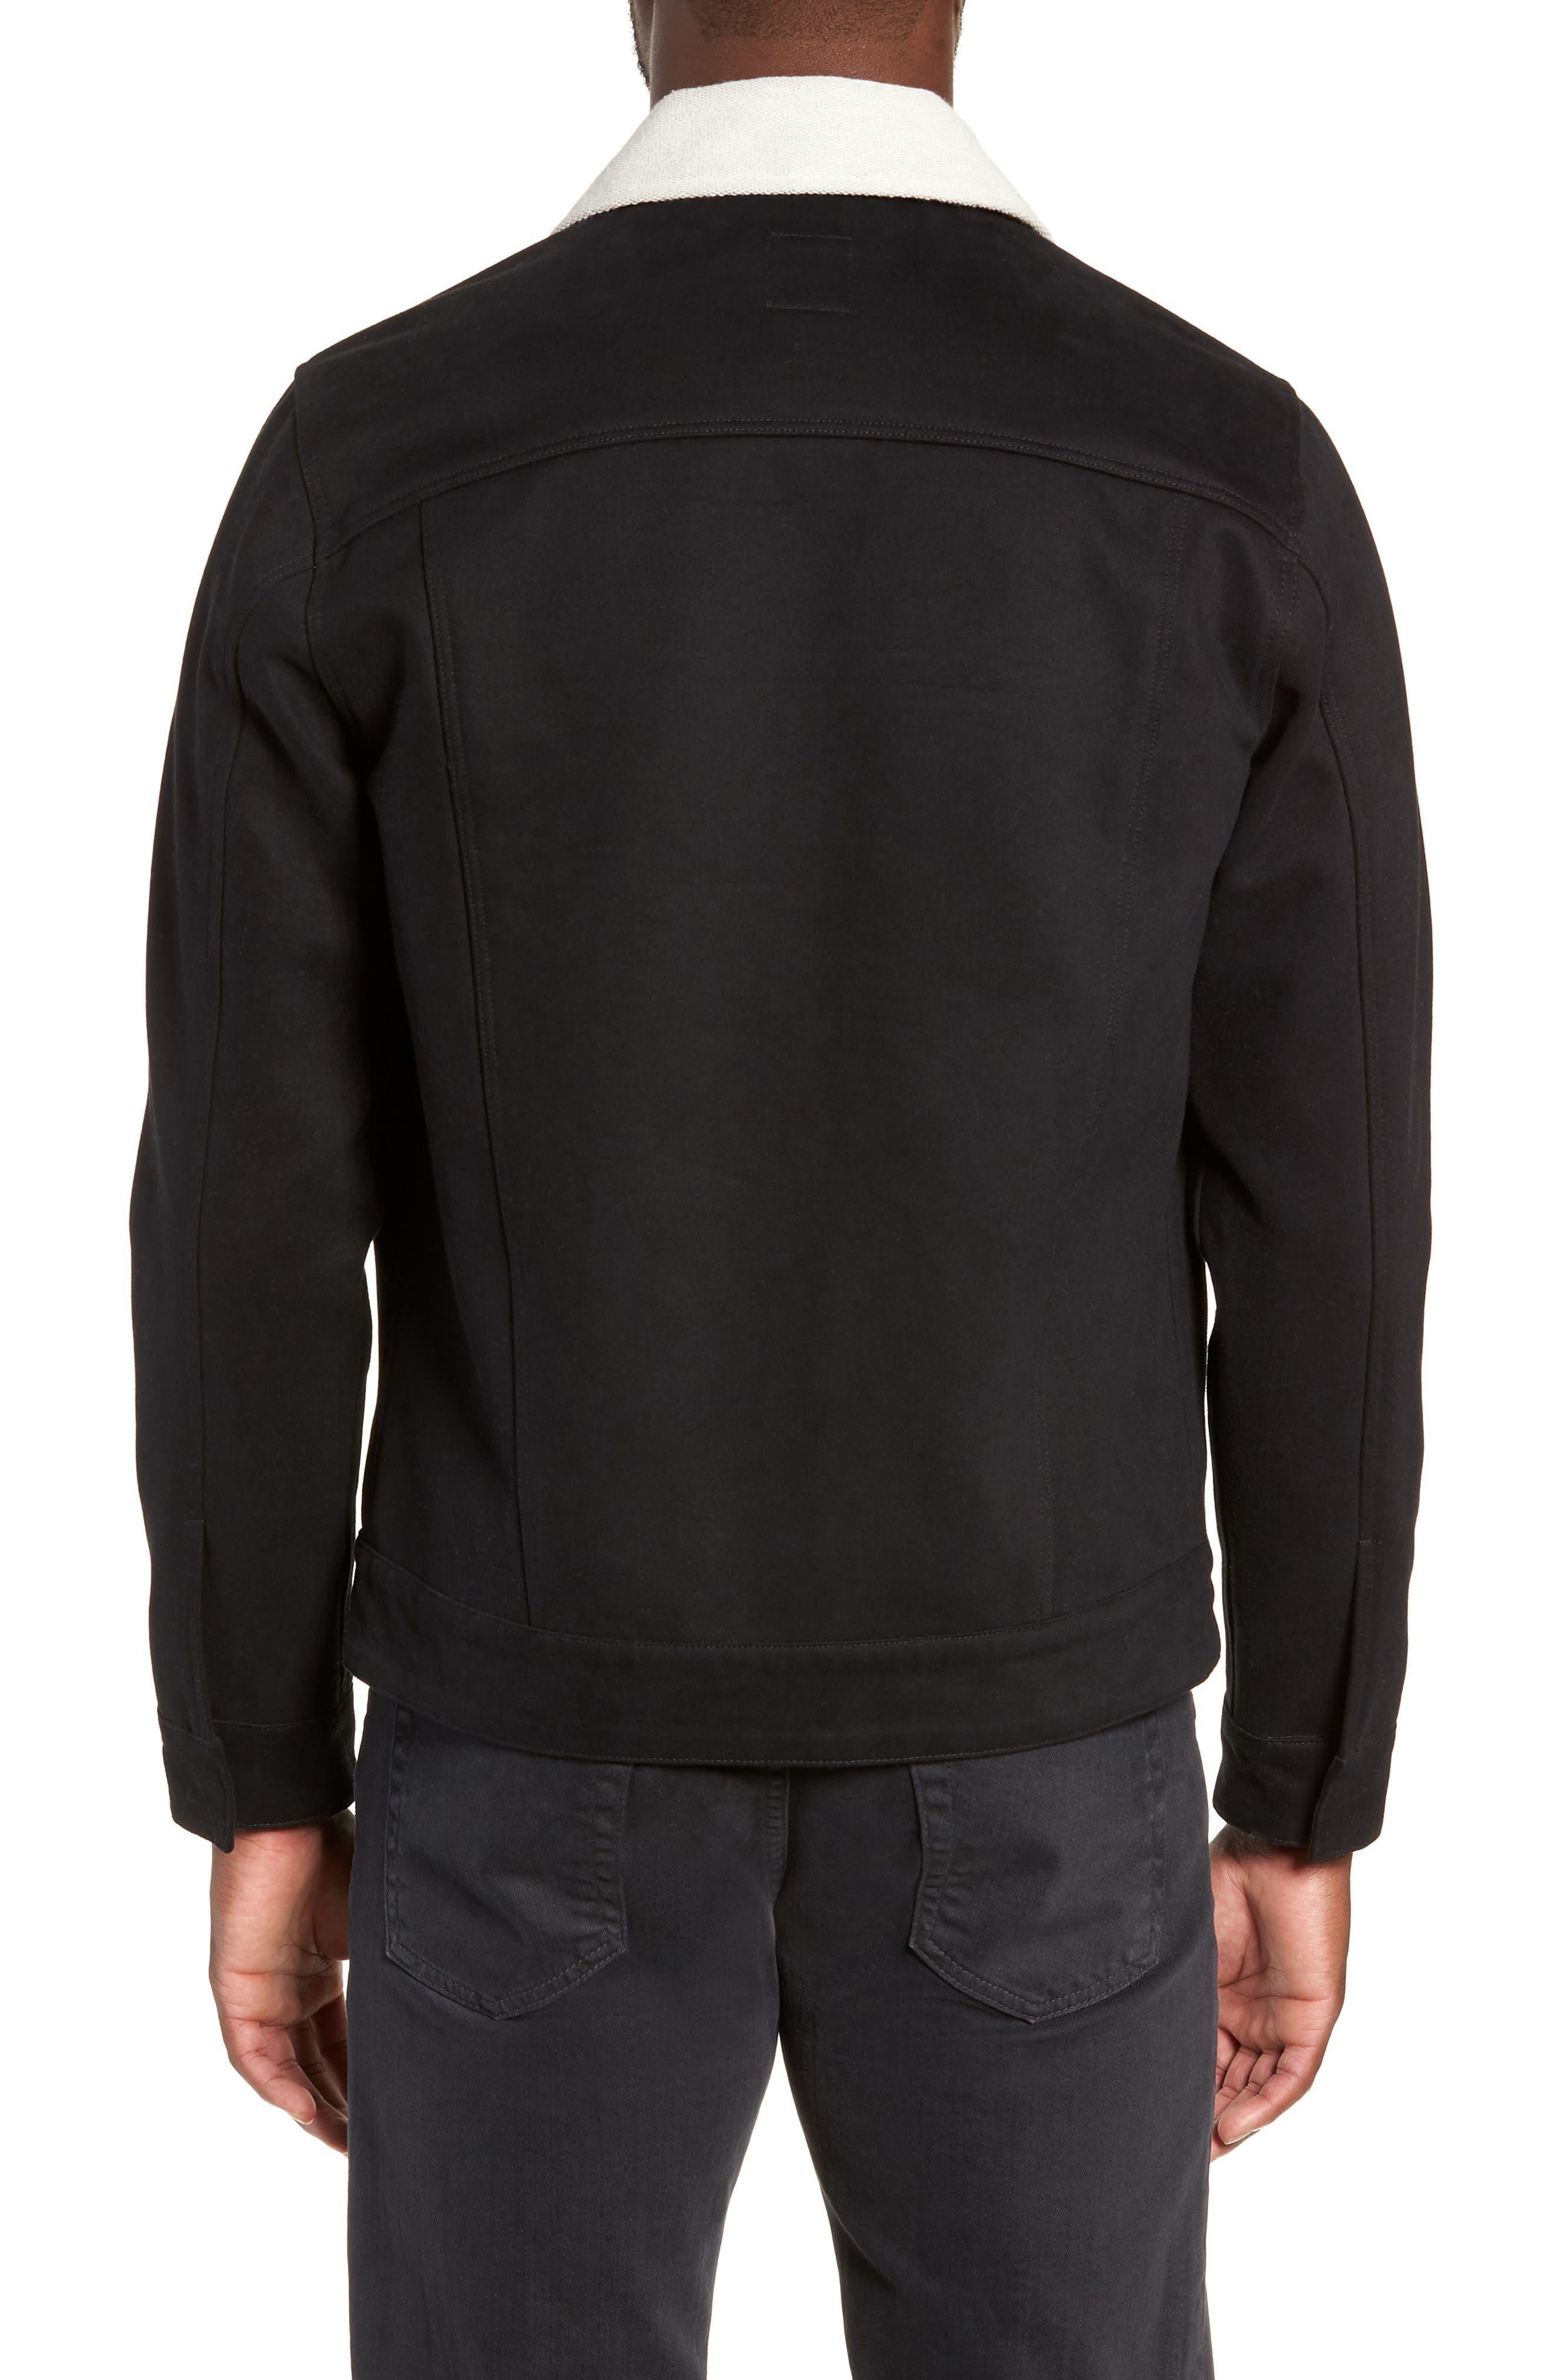 Webster Workman Jacket,                             Alternate thumbnail 2, color,                             BLACK